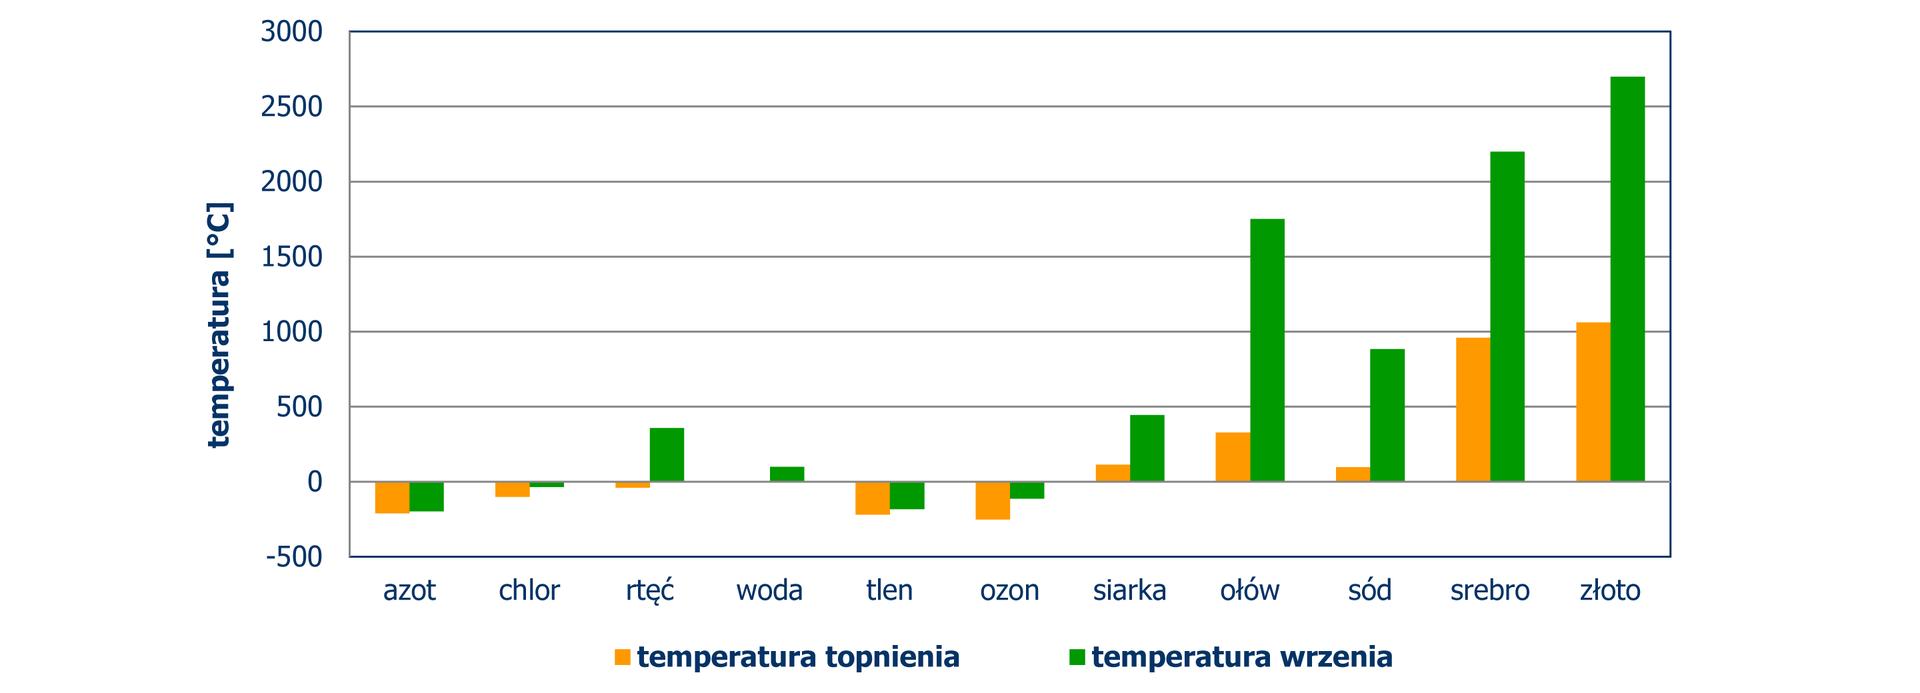 Diagram słupkowy pionowy, zktórego odczytujemy temperaturę (w stopniach Celsjusza) topnienia iwrzenia niektórych substancji. Temperatury topnienia iwrzenia azotu, chloru, tlenu iozonu mają ujemną wartość. Temperatury topnienia iwrzenia siarki, ołowiu, sodu, srebra izłota mają dodatnią wartość. Temperatura topnienia rtęci ma wartość ujemną ajej temperatura wrzenia ma wartość dodatnią.